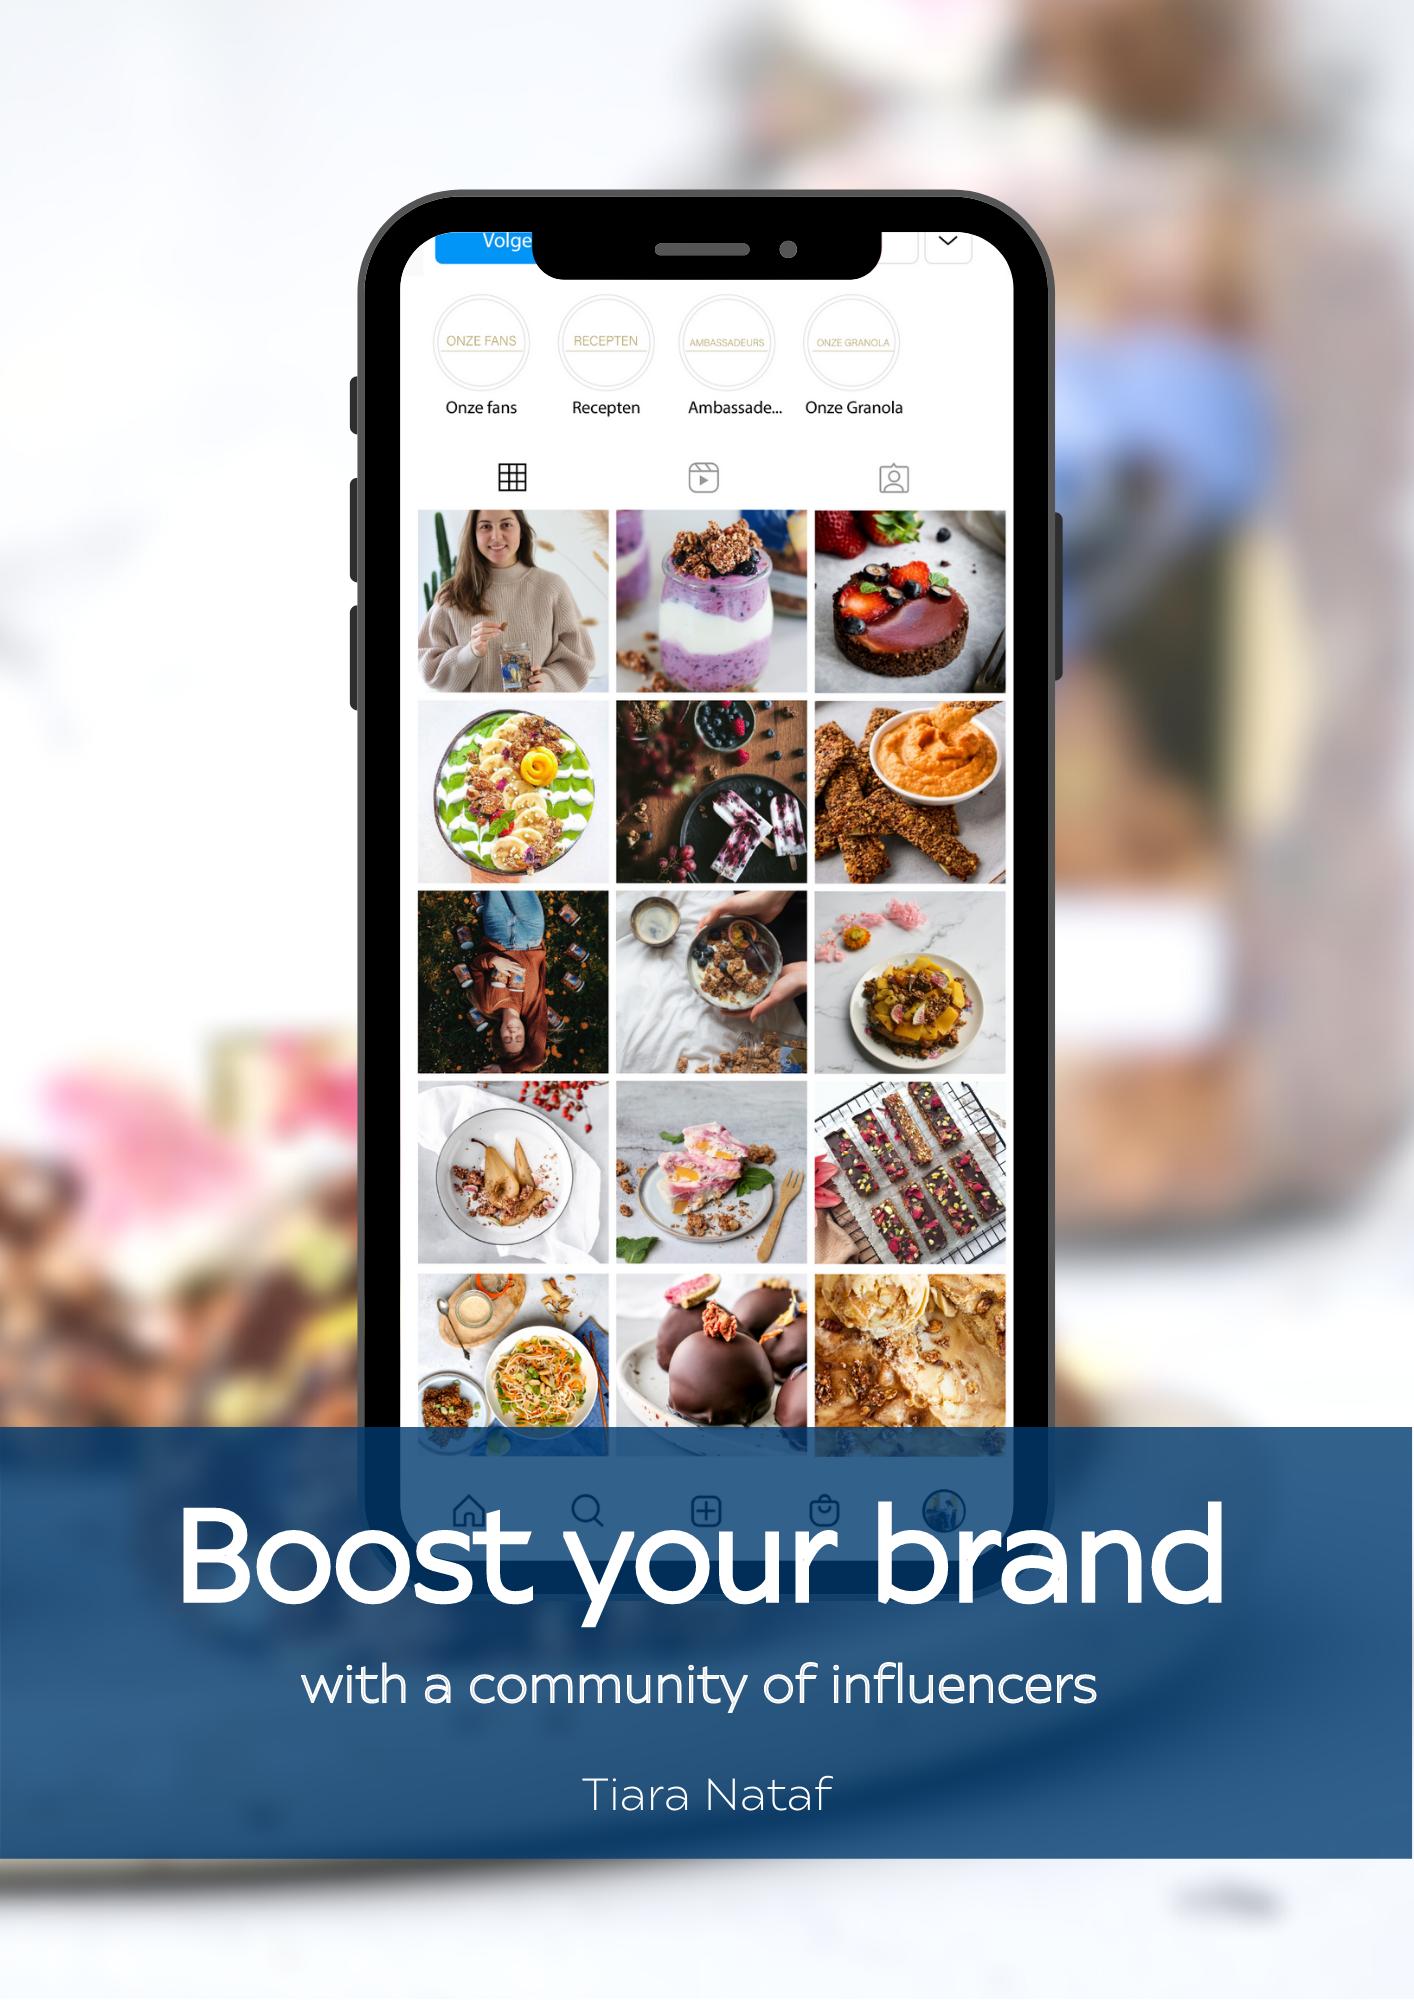 E-book - Boost your brand